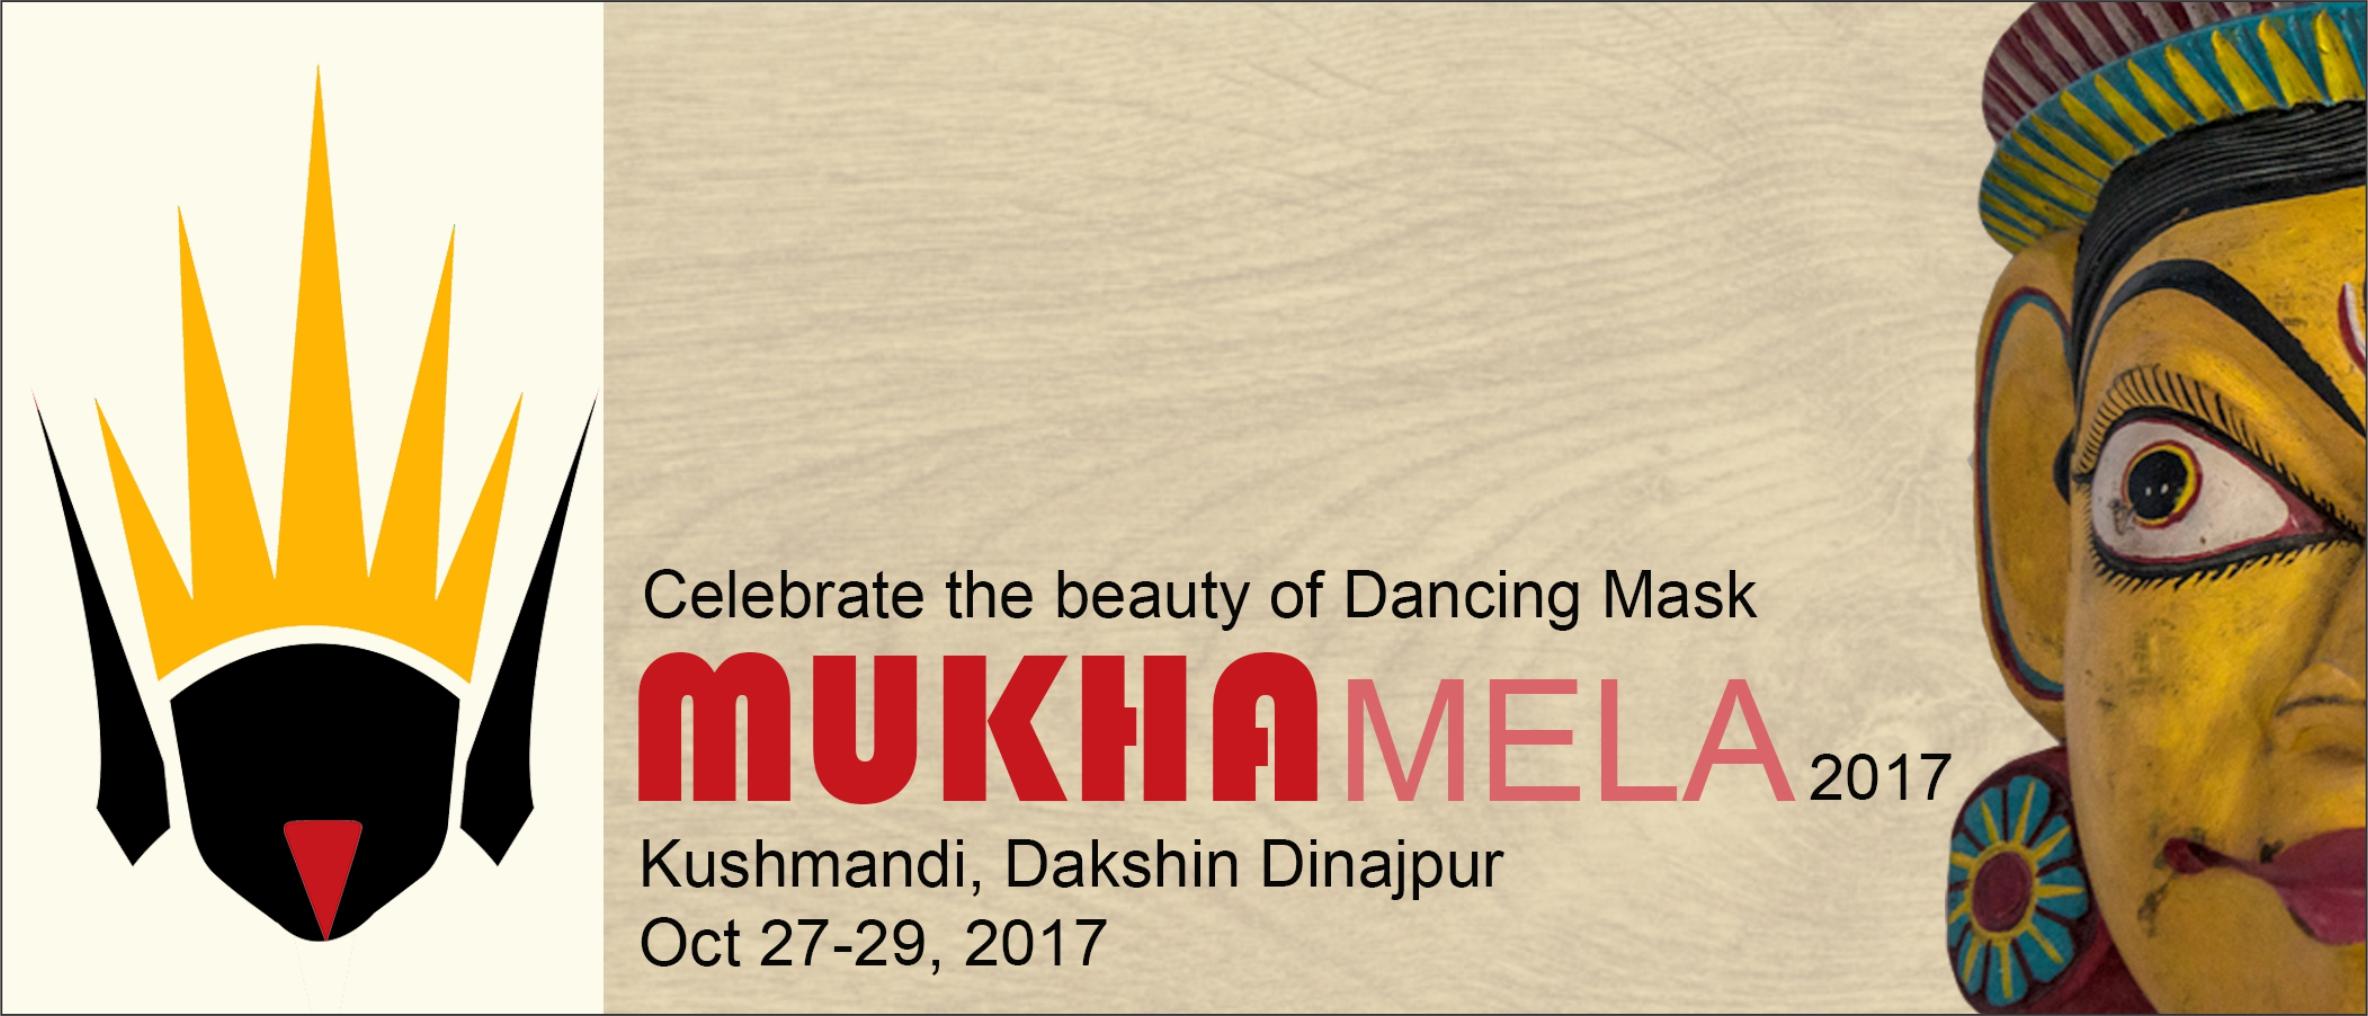 Mukha Mela, Kushmandi